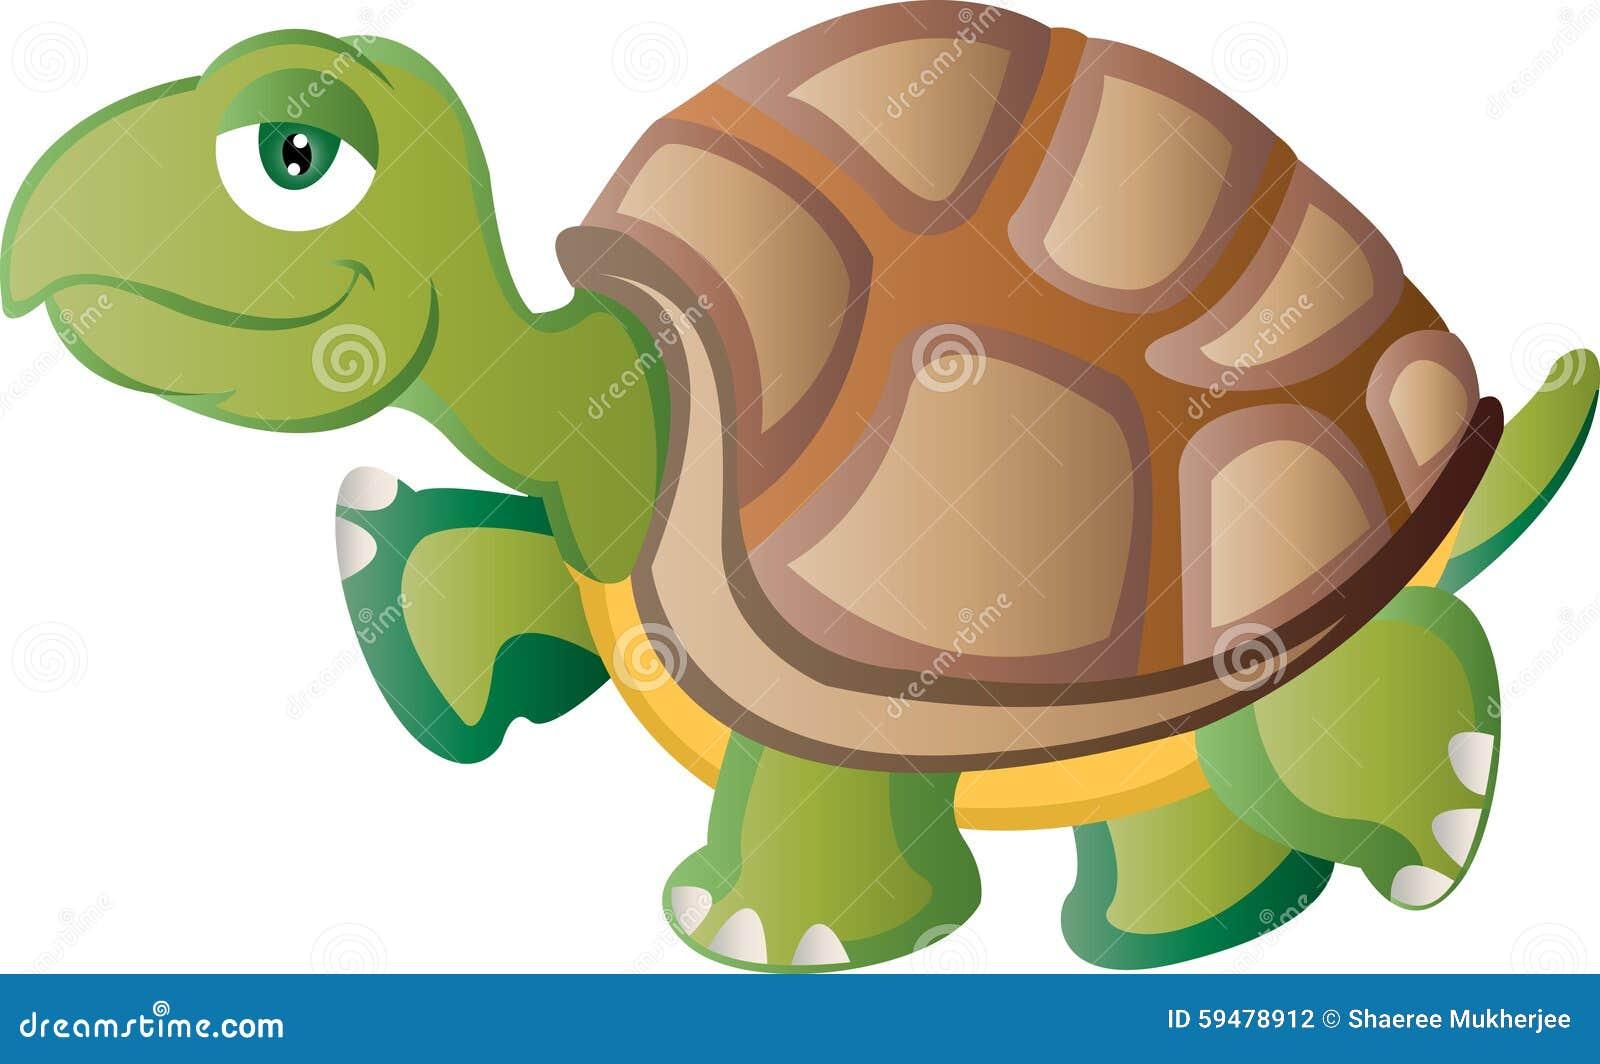 Karikatur-Schildkröte